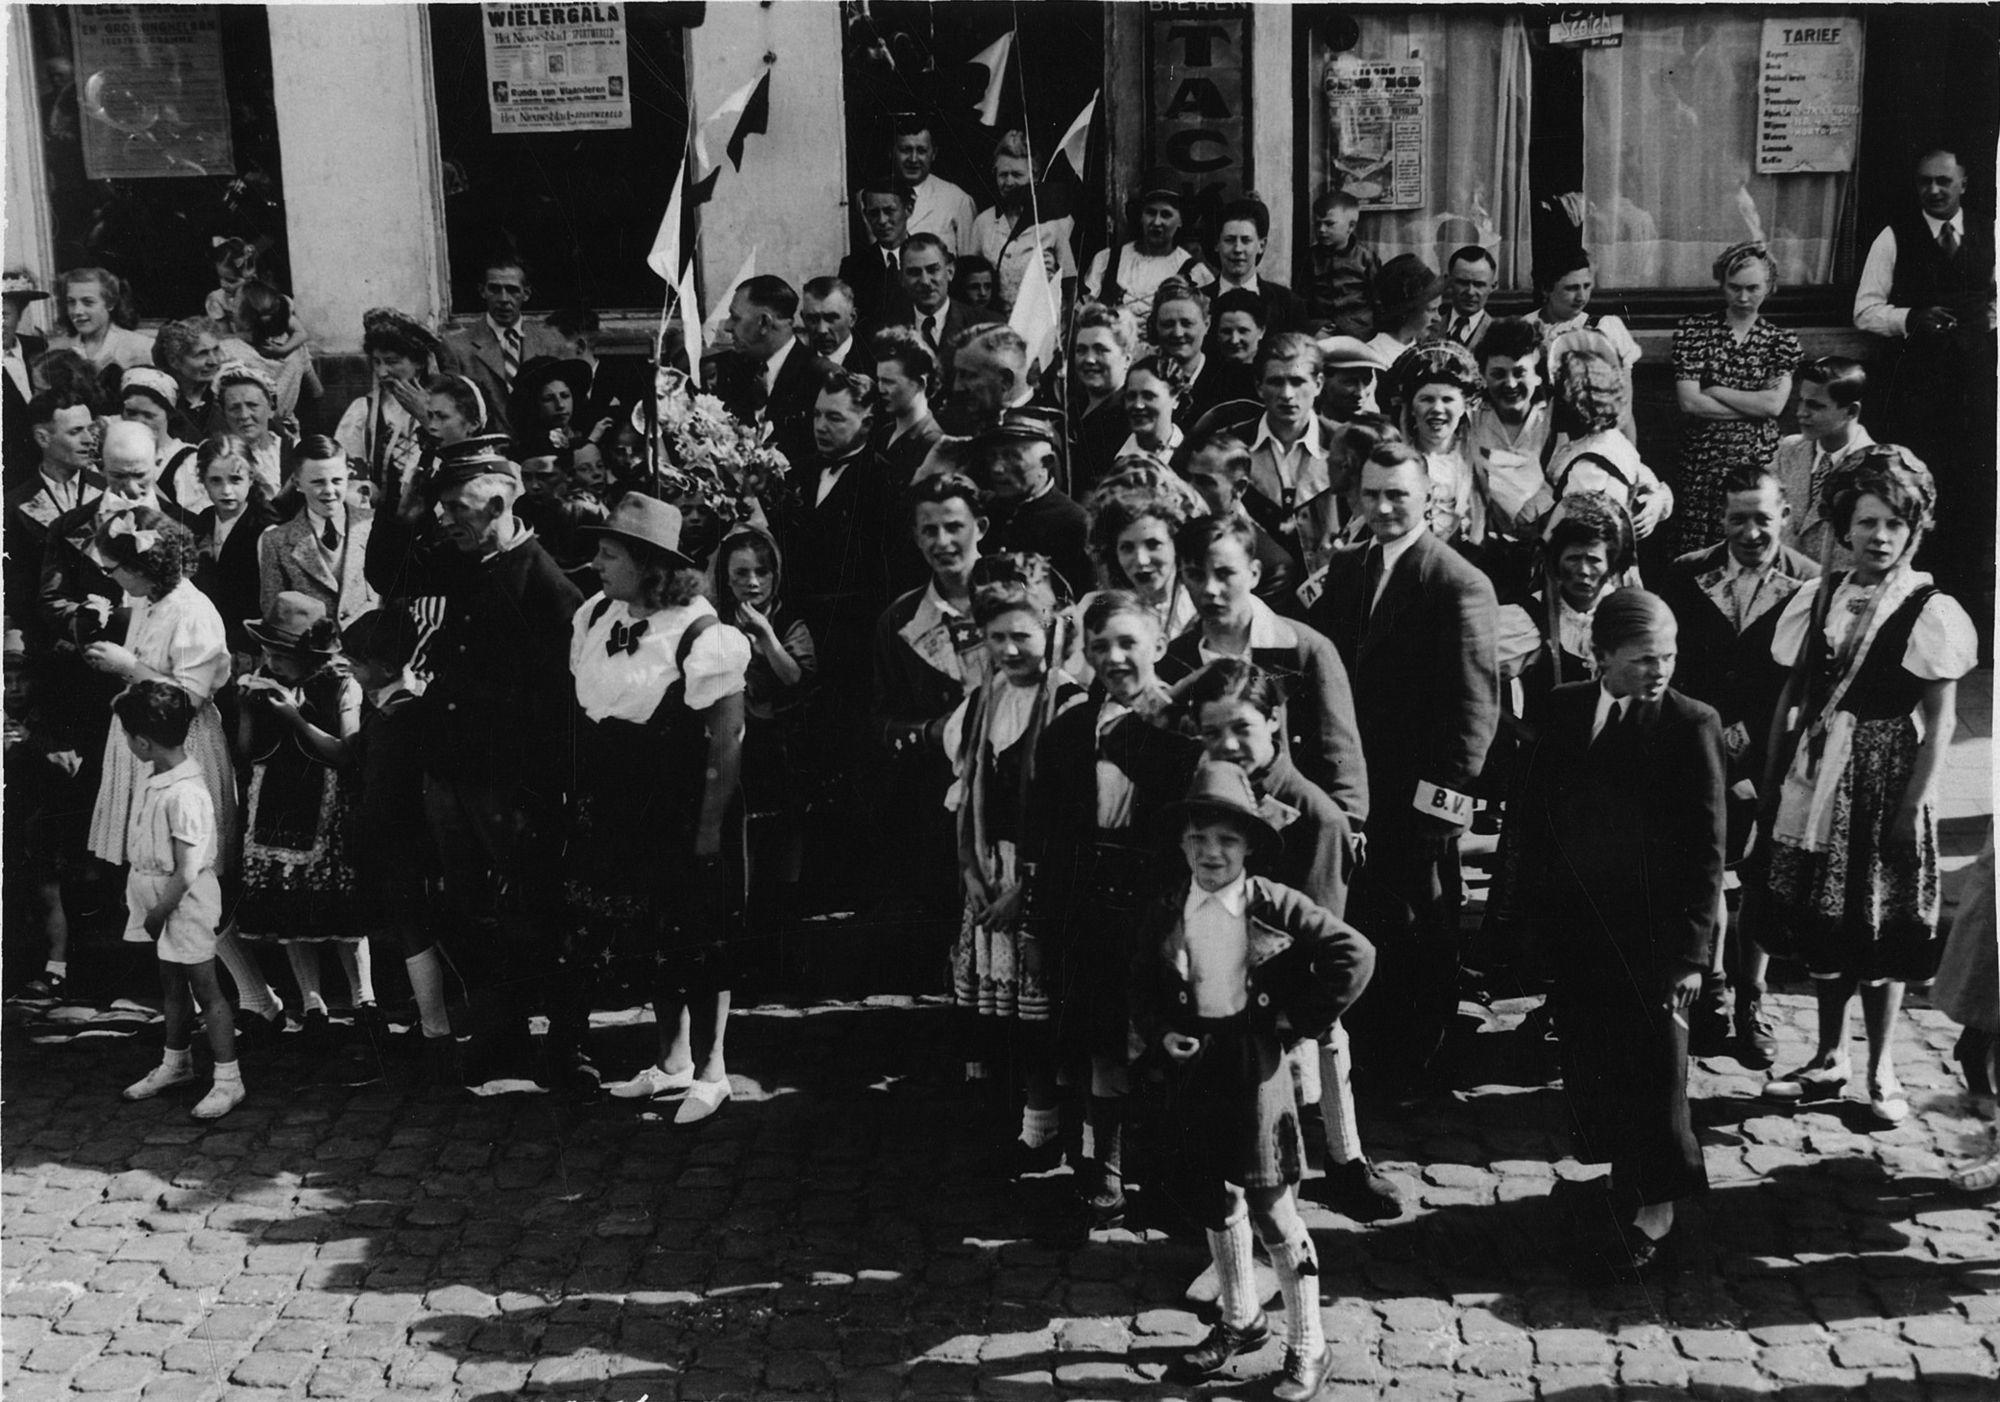 Wijkkermis Veemarkt 1946